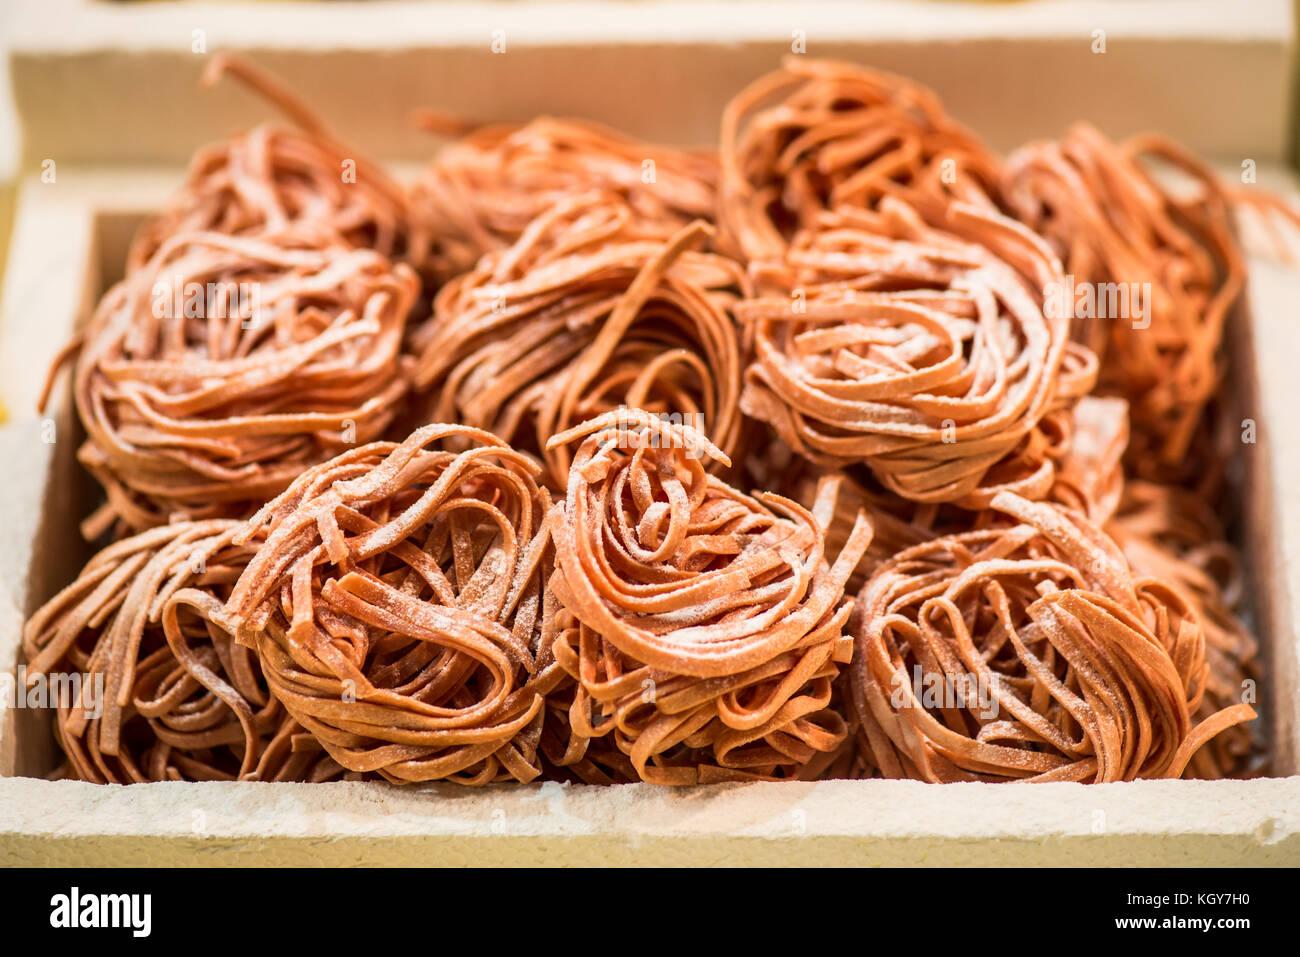 Italienische gefroren linguine Pasta - zubereitete Speisen Zutaten Stockbild